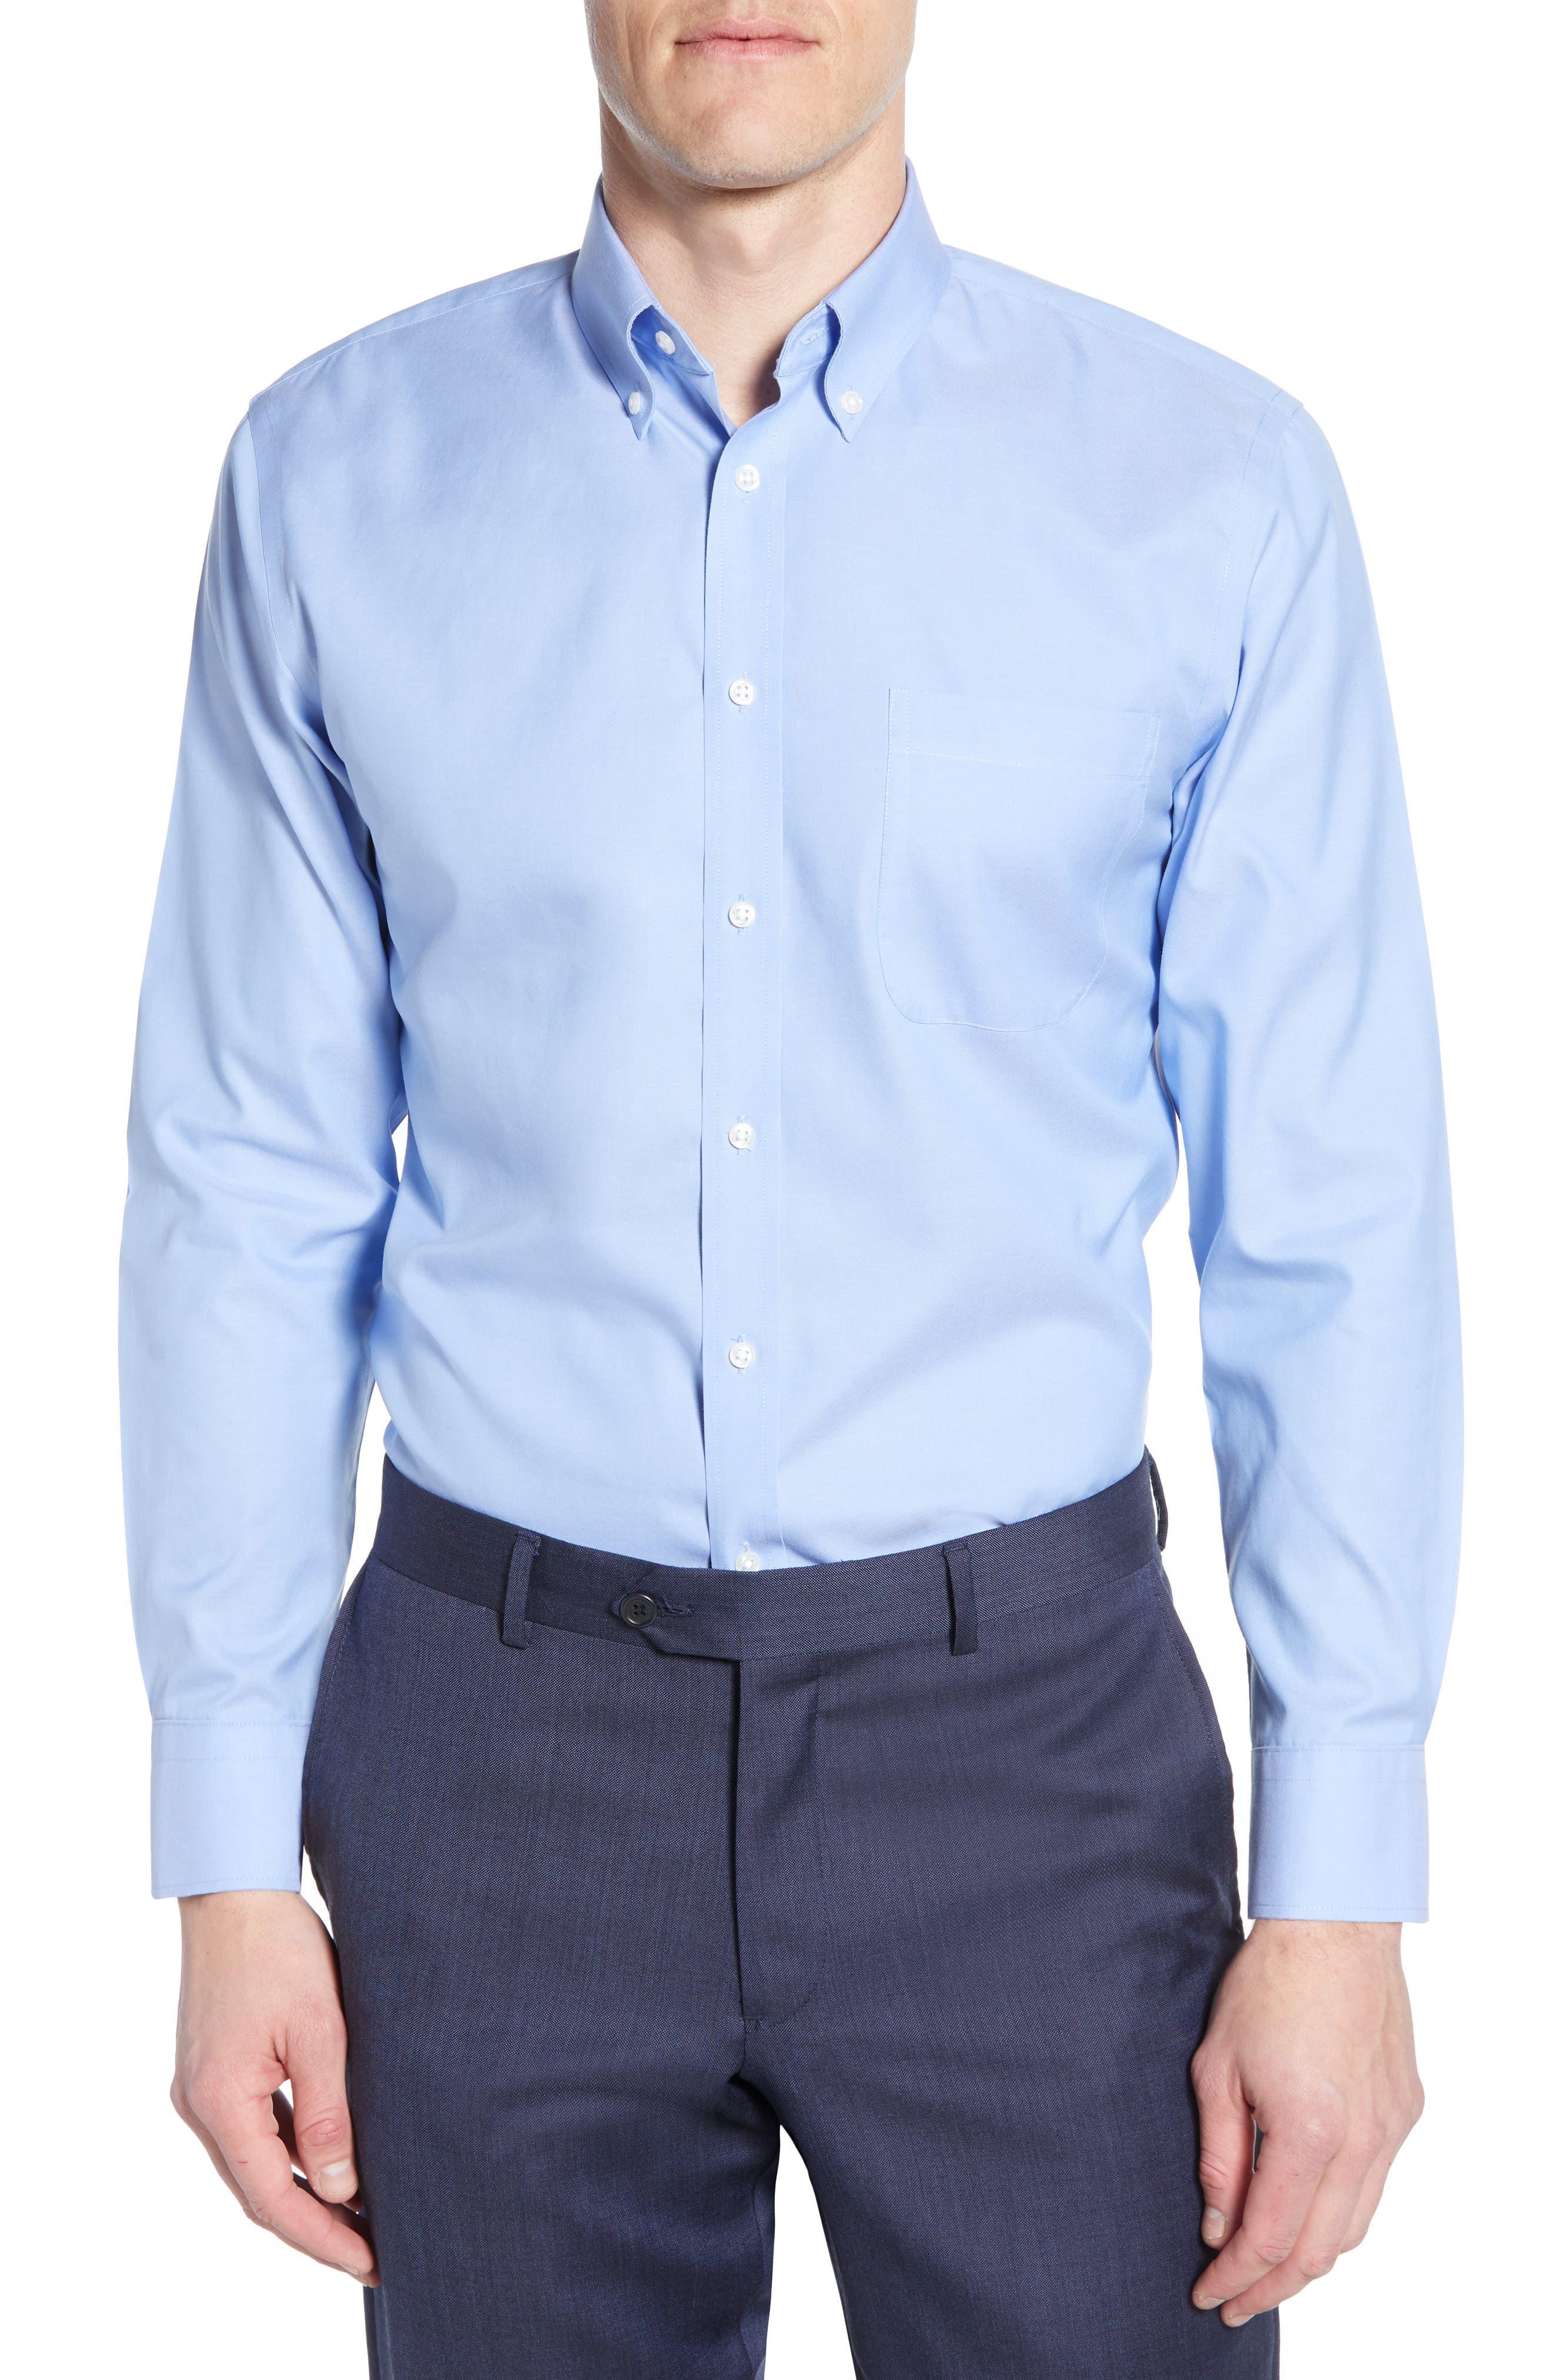 Nordstrom Shop Smartcare(TM) Trim Fit Dress Shirt - Blue